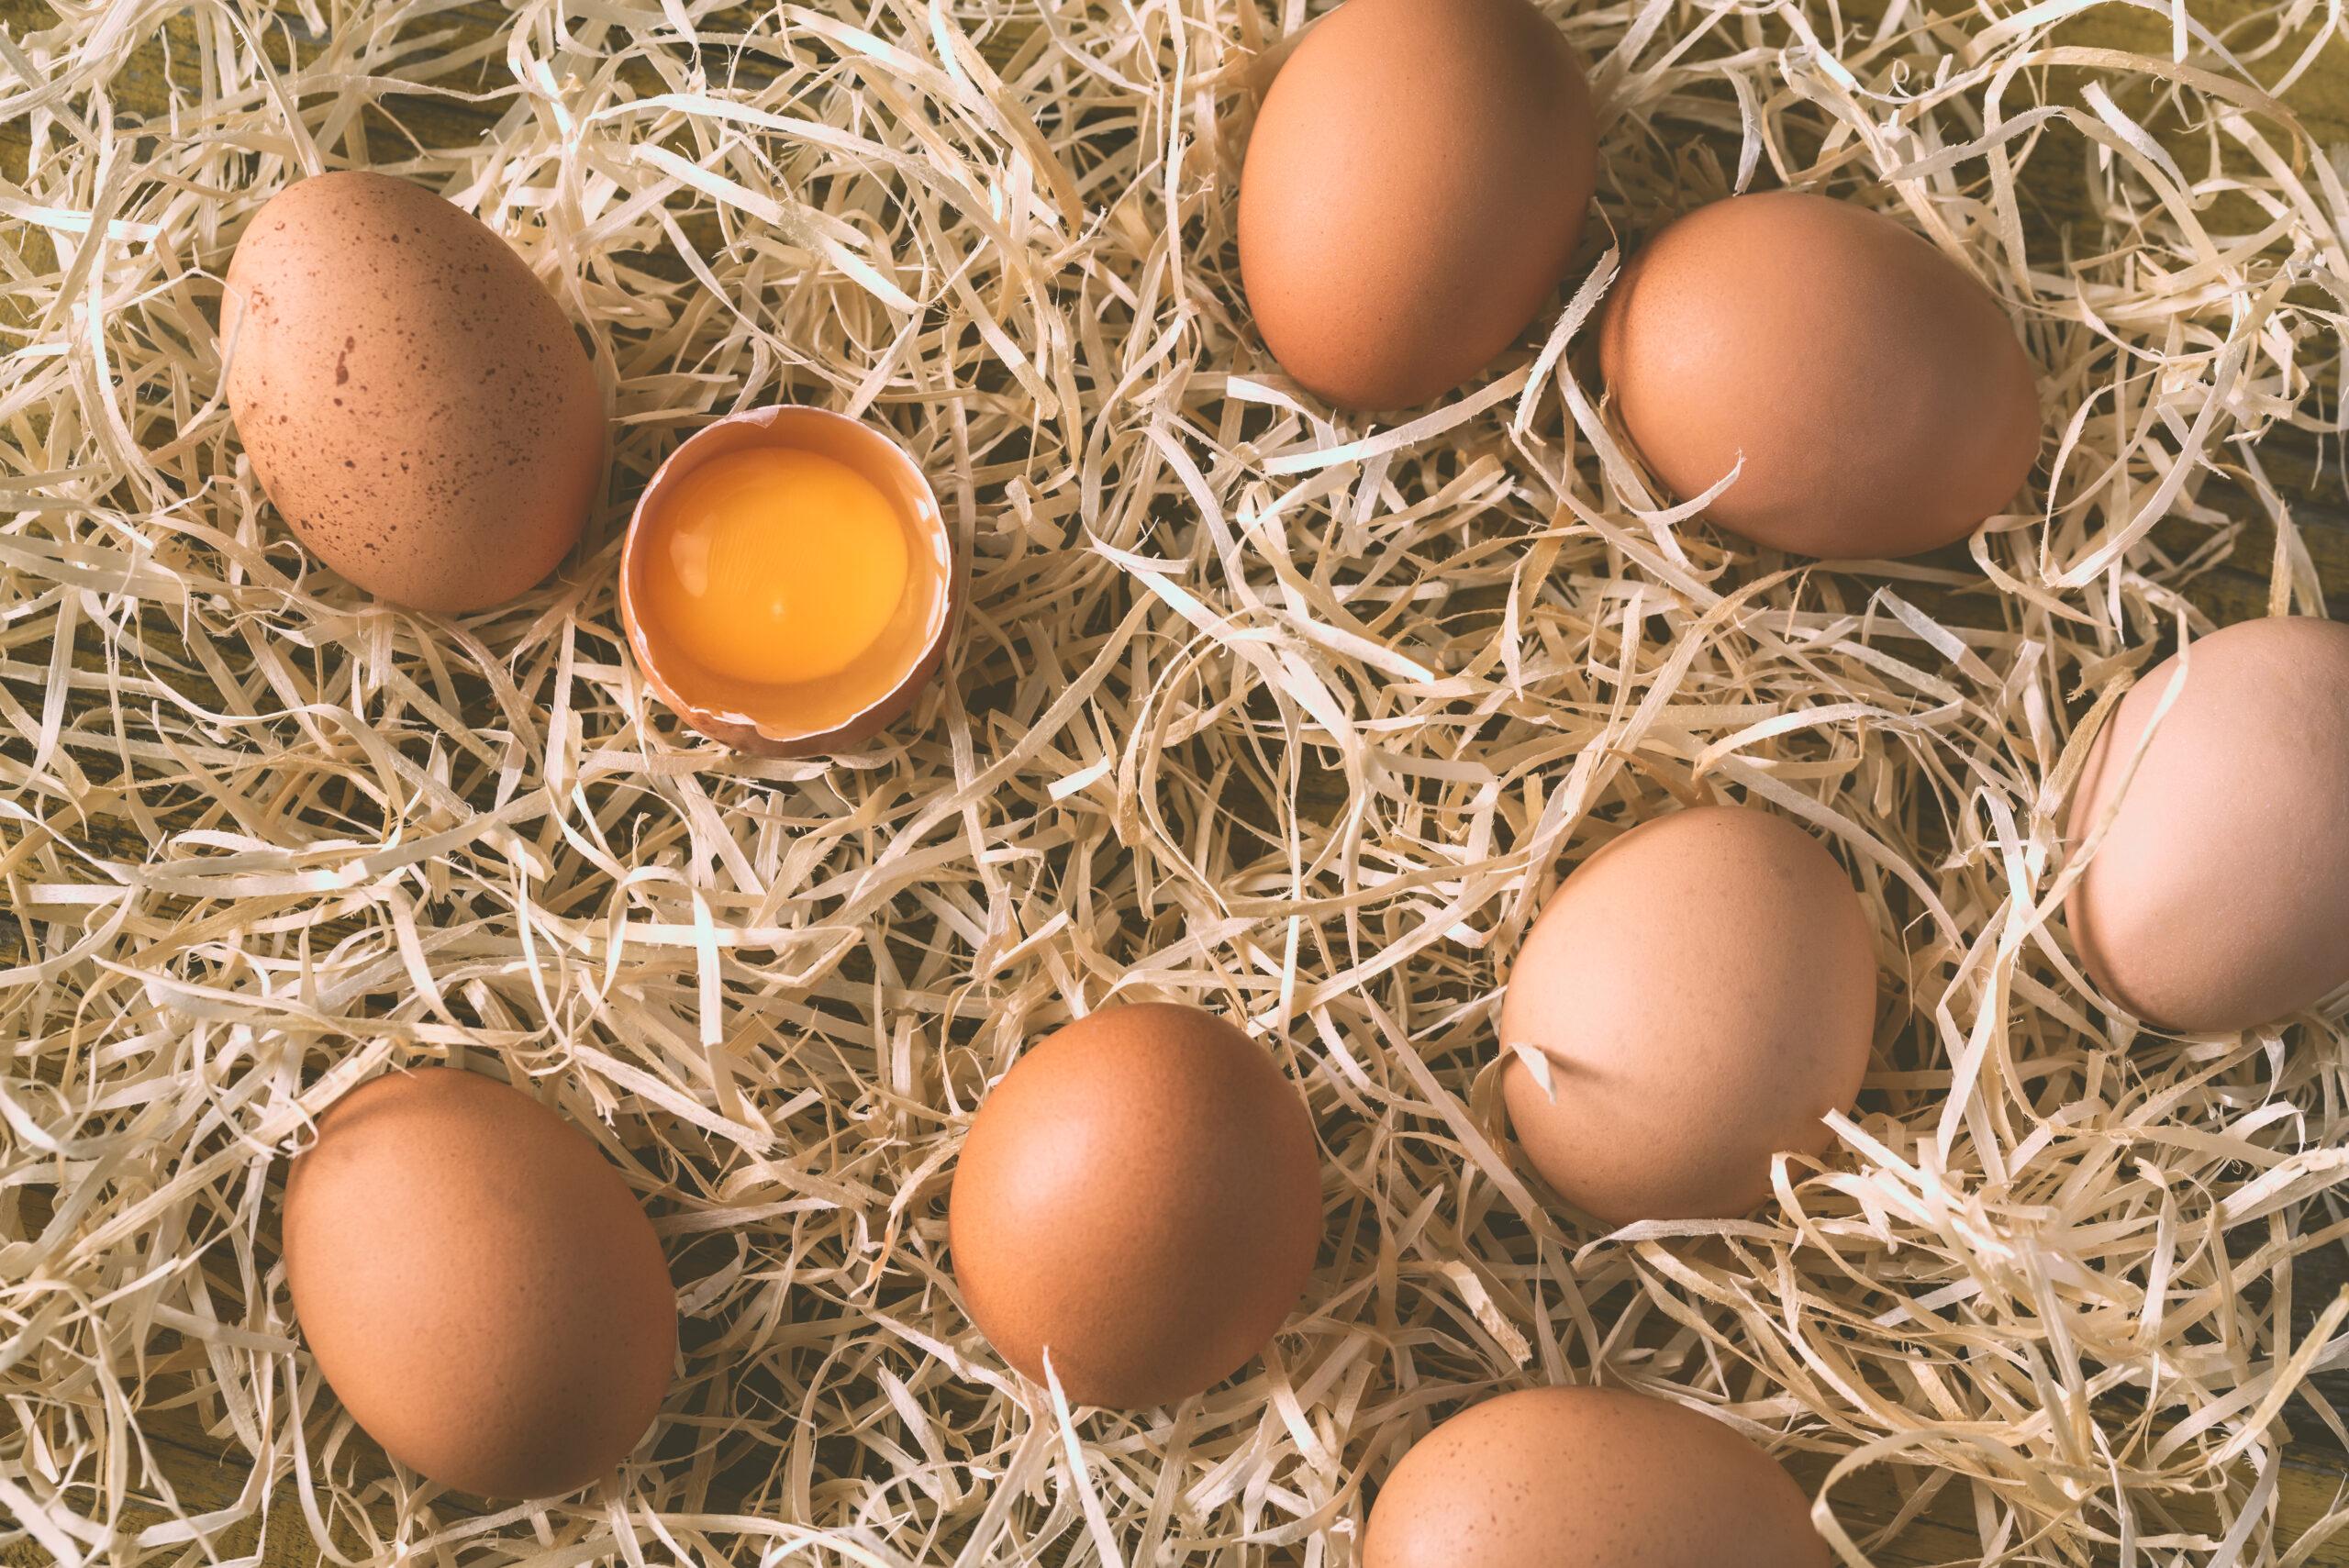 jaja kurze - chow sciolkowy